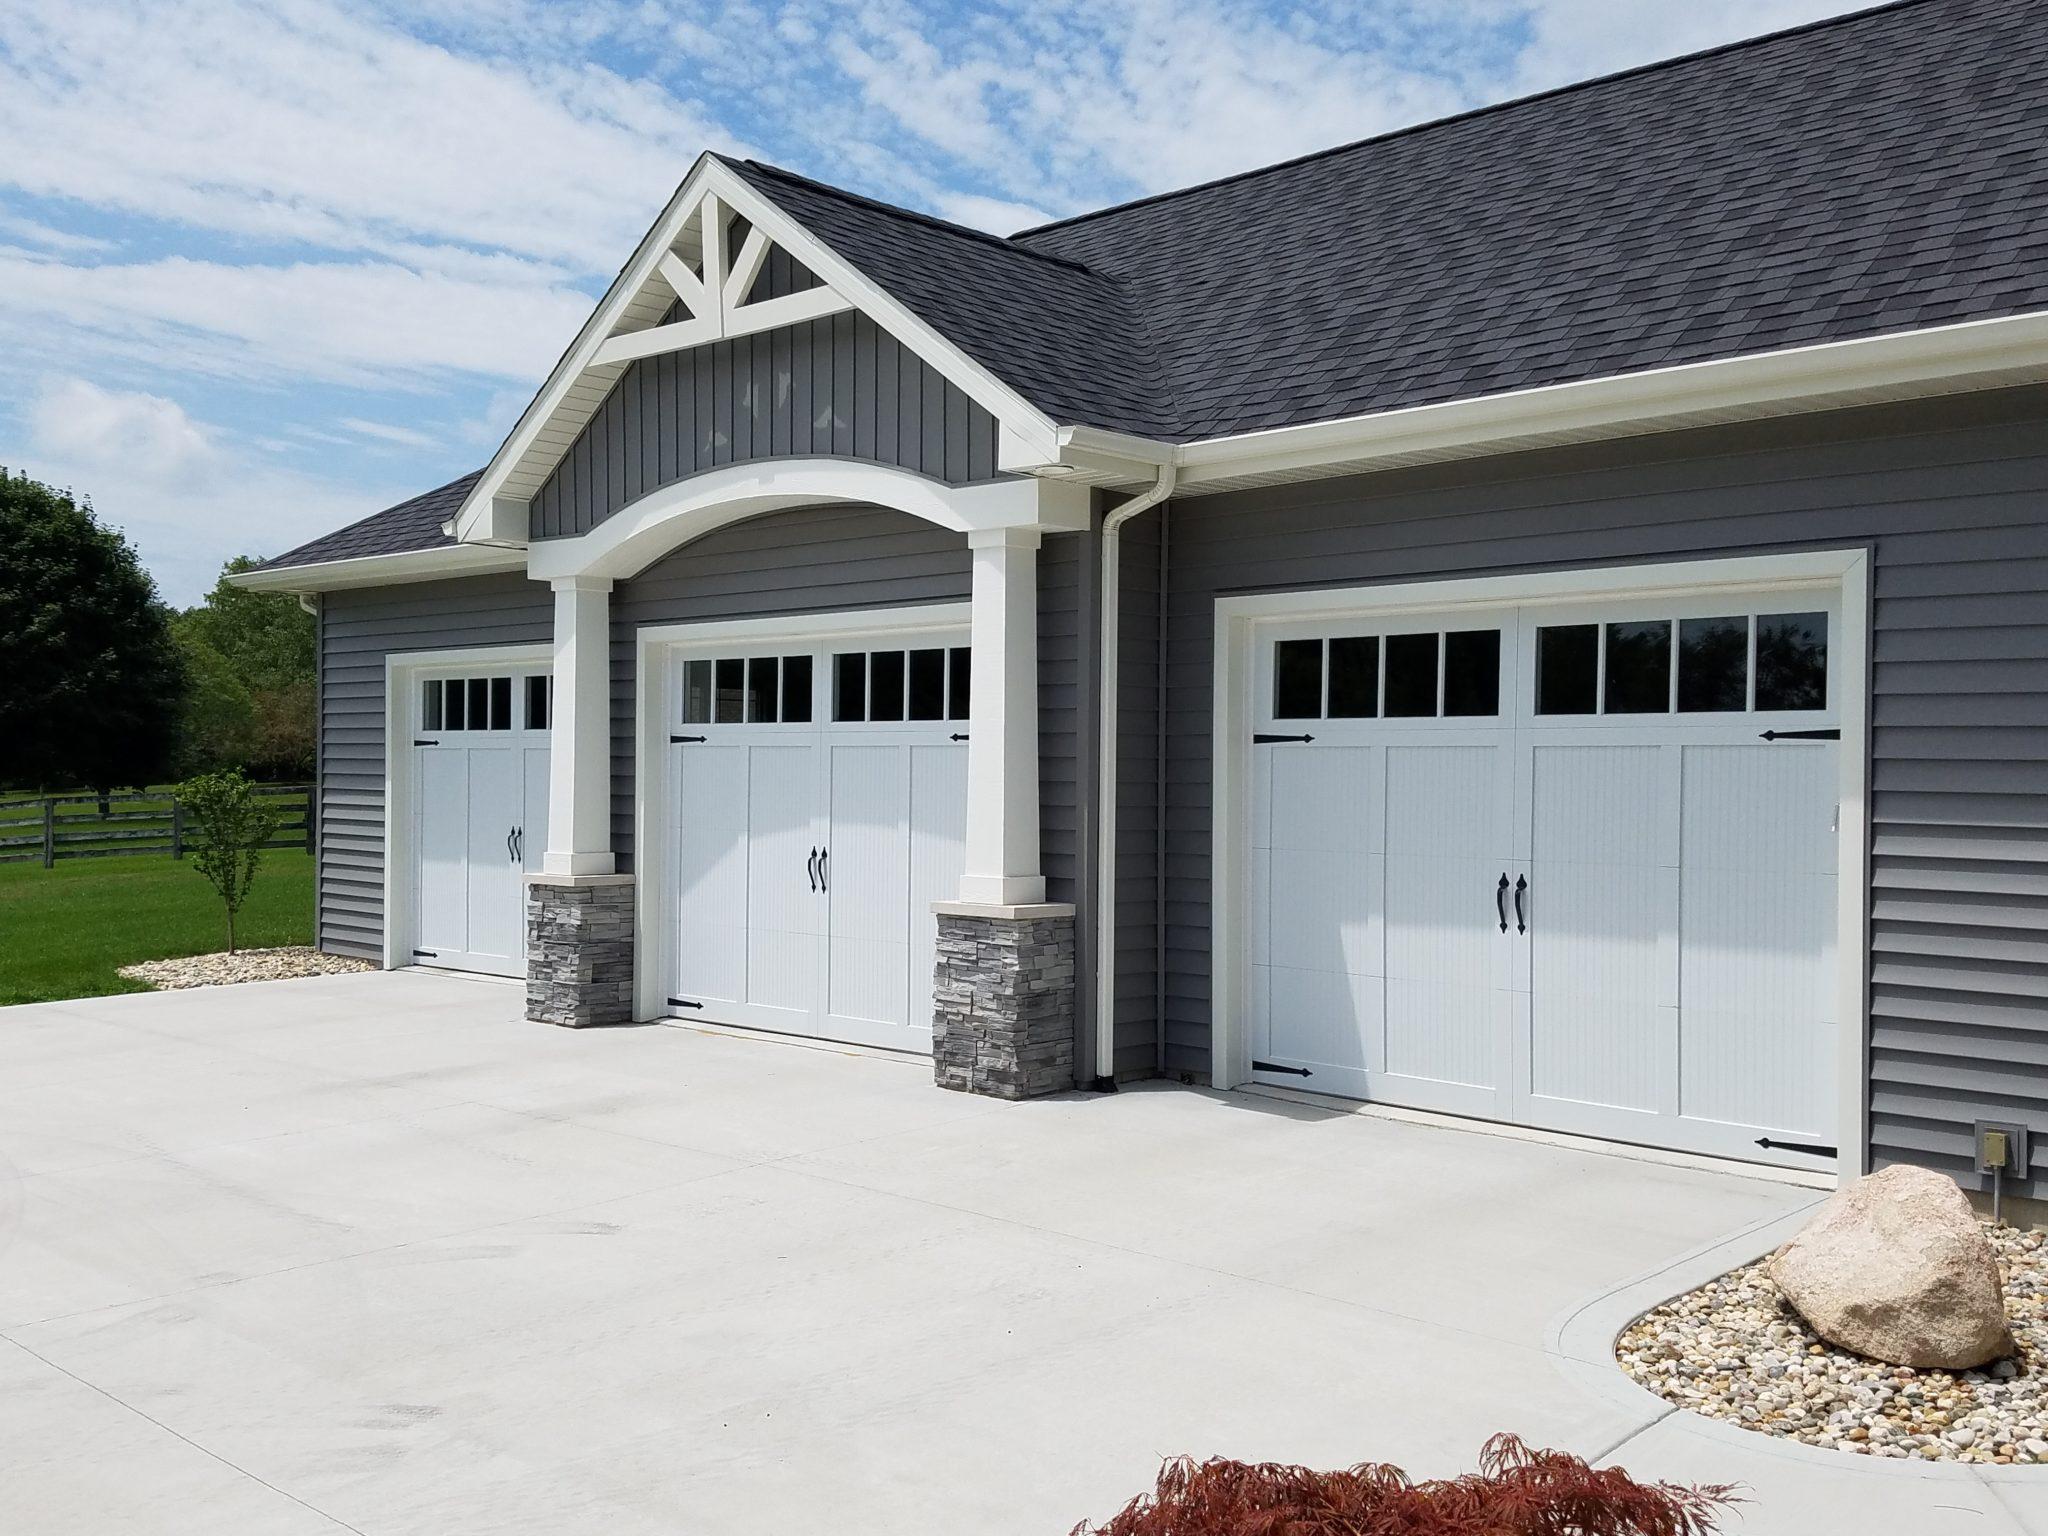 Vinyl Fiberglass Overlay Carriage House Doors & Vinyl Fiberglass Overlay Carriage House Doors - PDQ Door Company Inc.